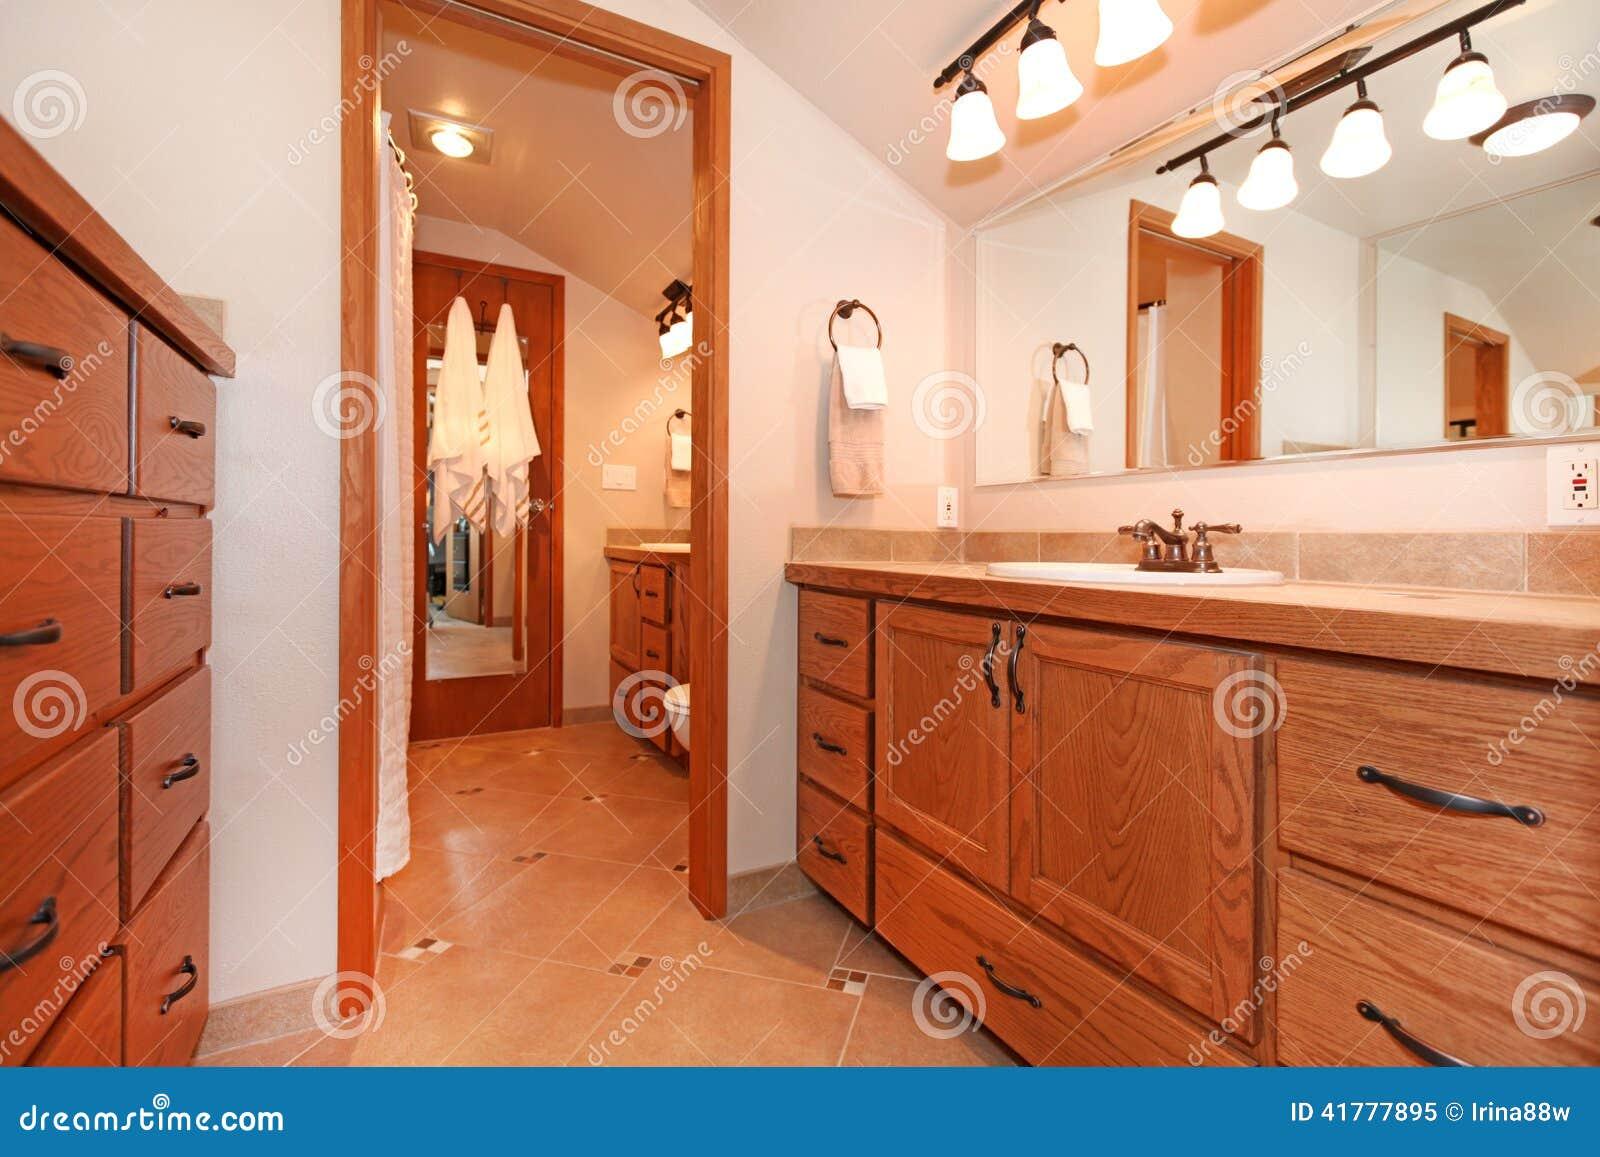 Na Casa Da Cabana Rústica De Madeira Foto de Stock Imagem: 41777895 #AE461D 1300x957